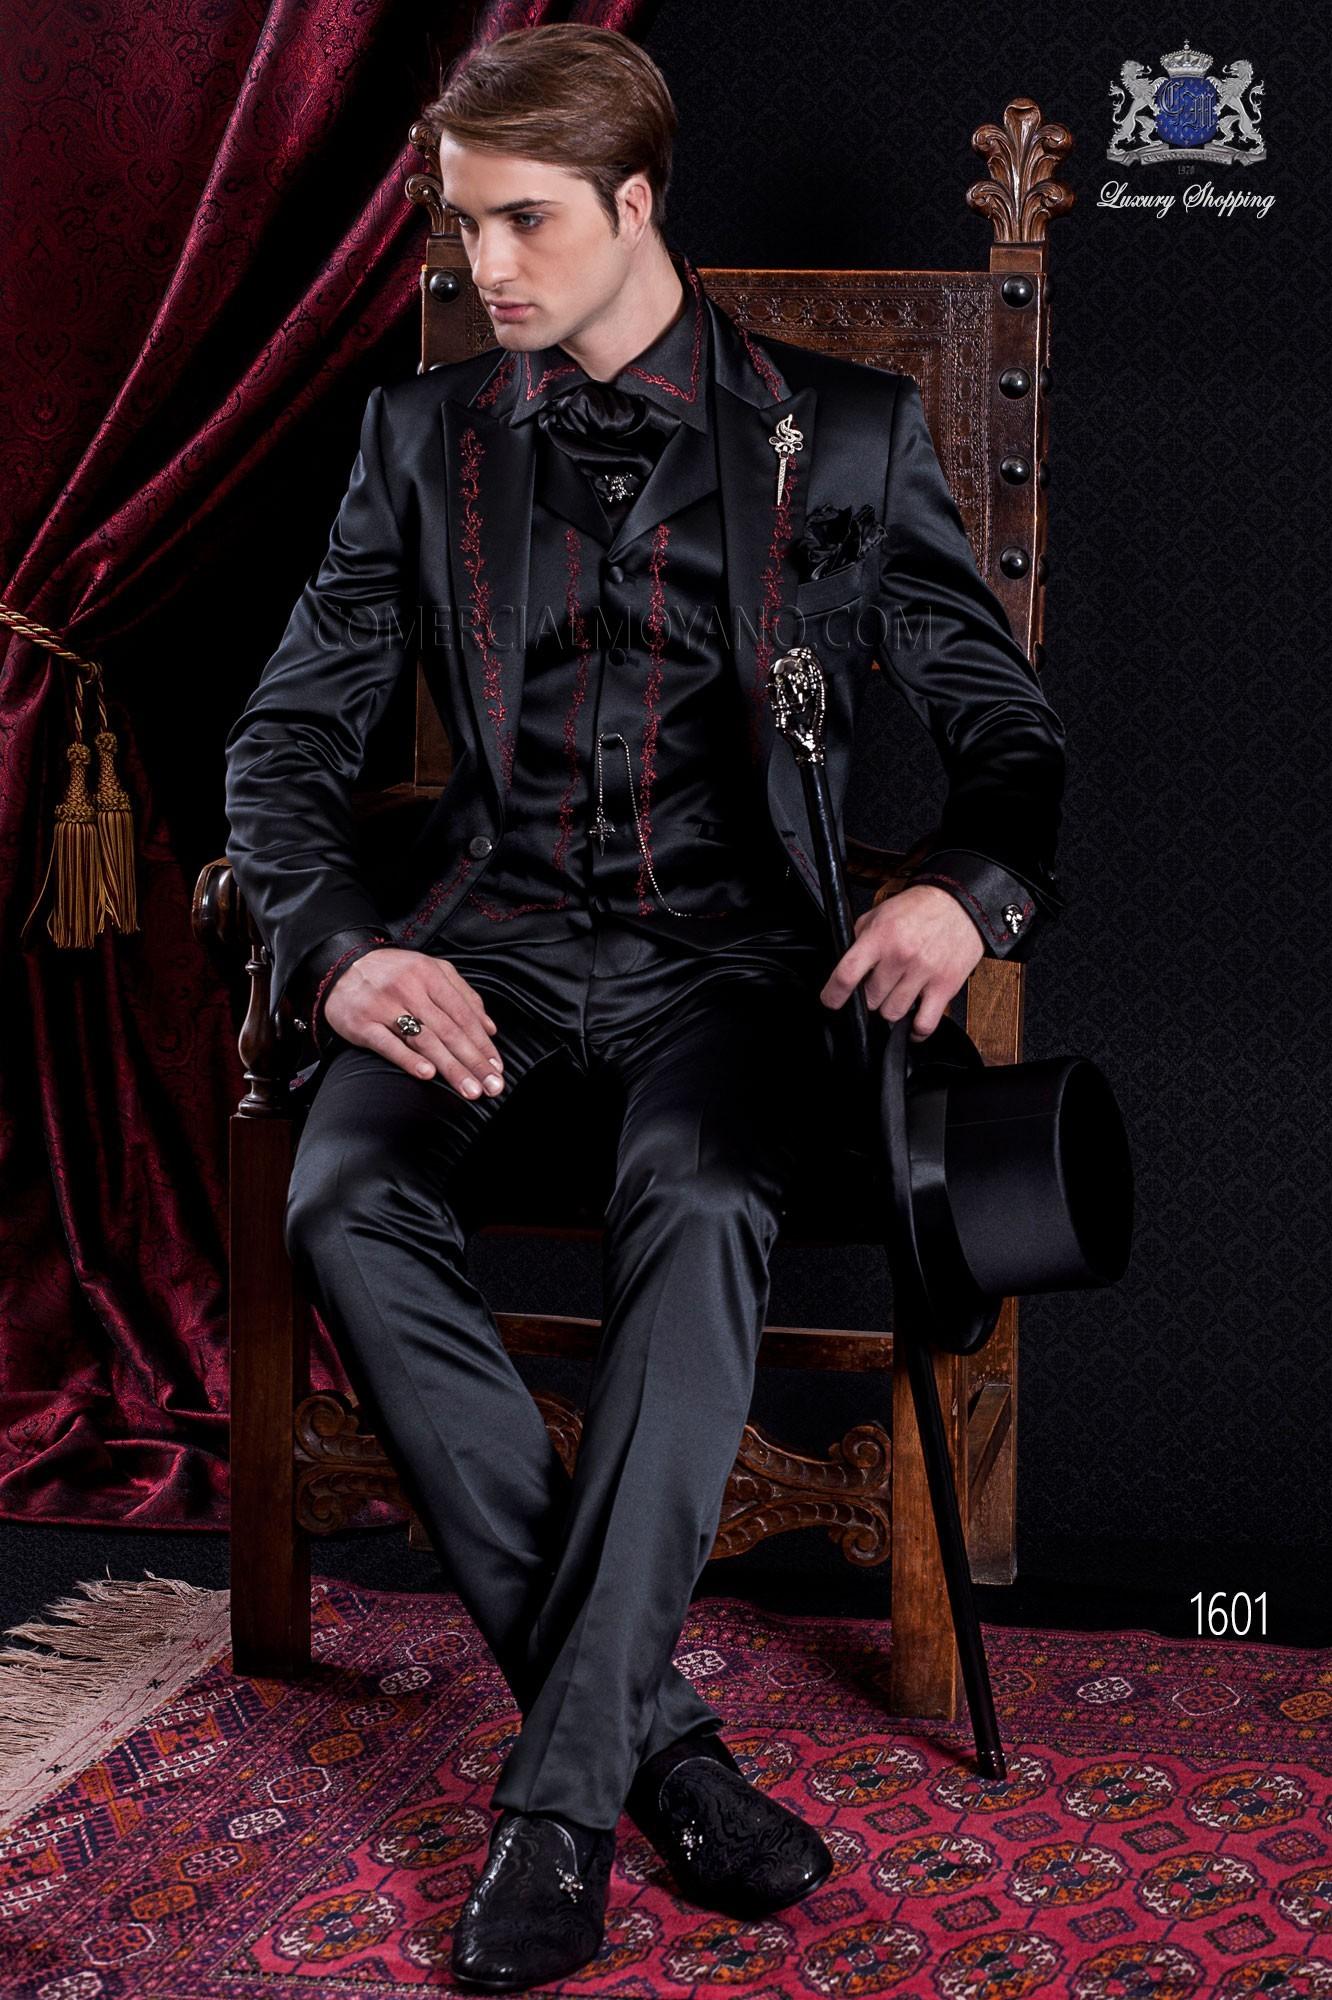 Traje italiano gótico de raso negro con bordado rojo.